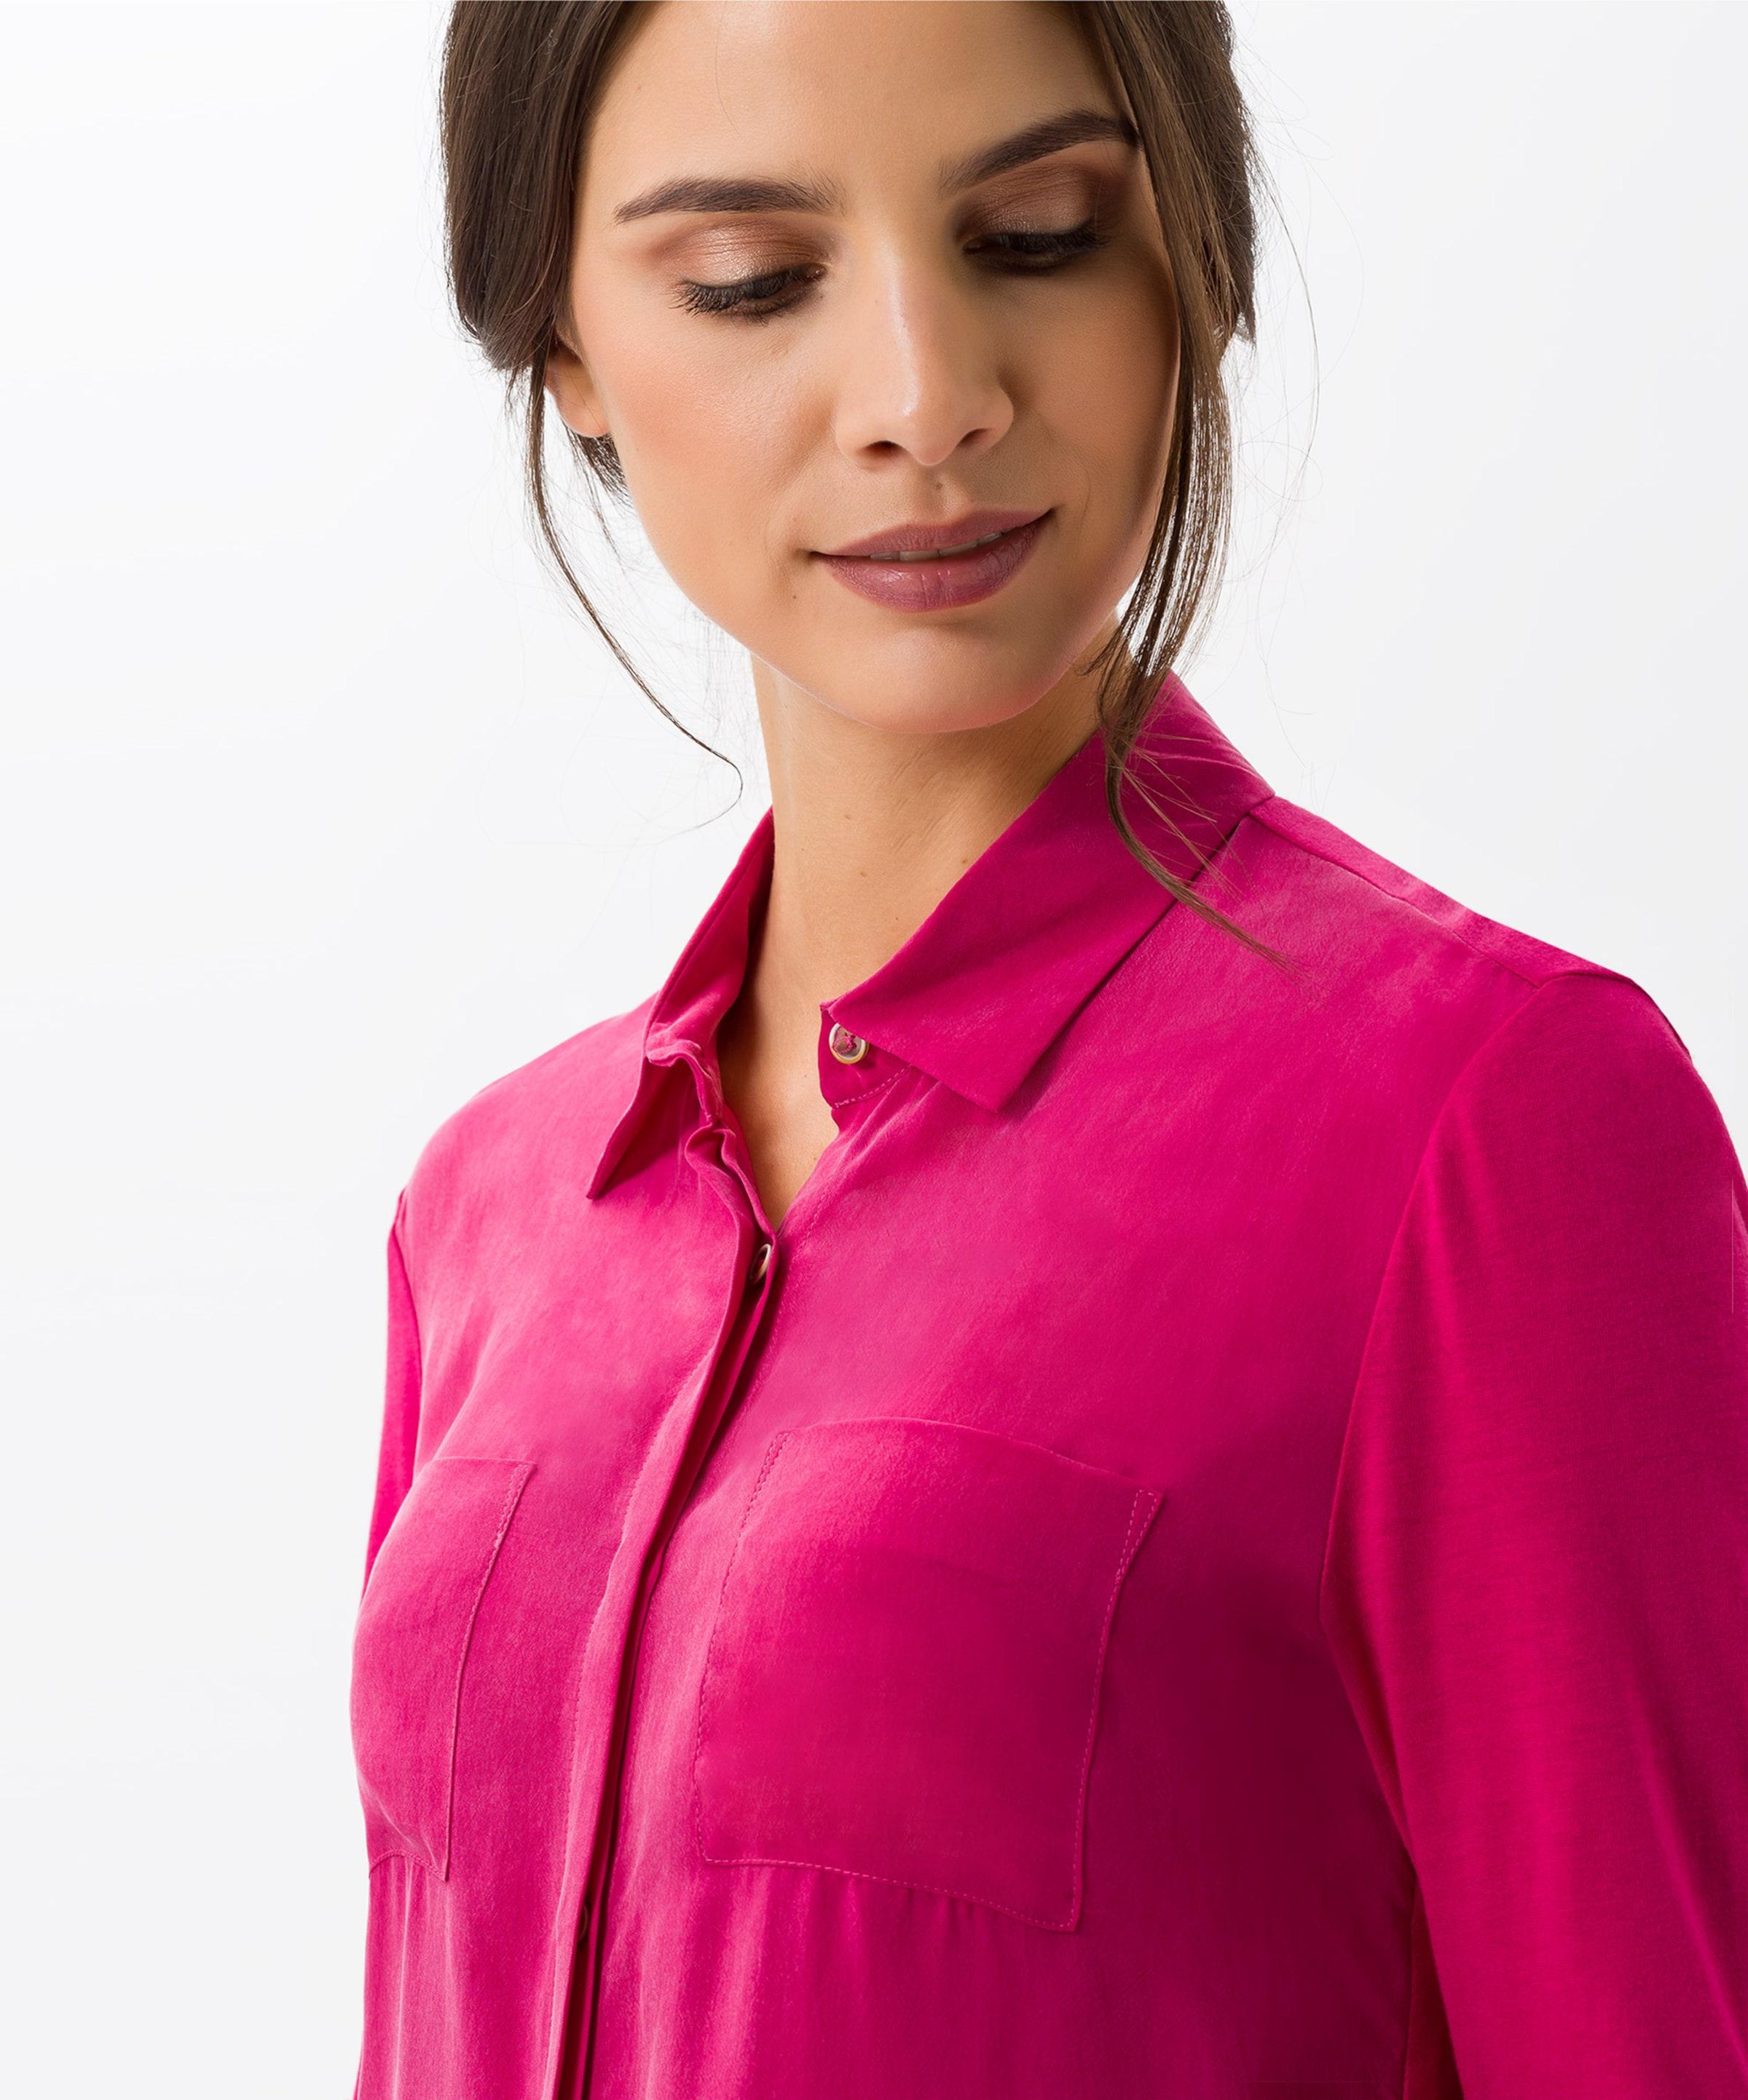 In 'victoria' Brax Pink Bluse Brax mn0Nv8w